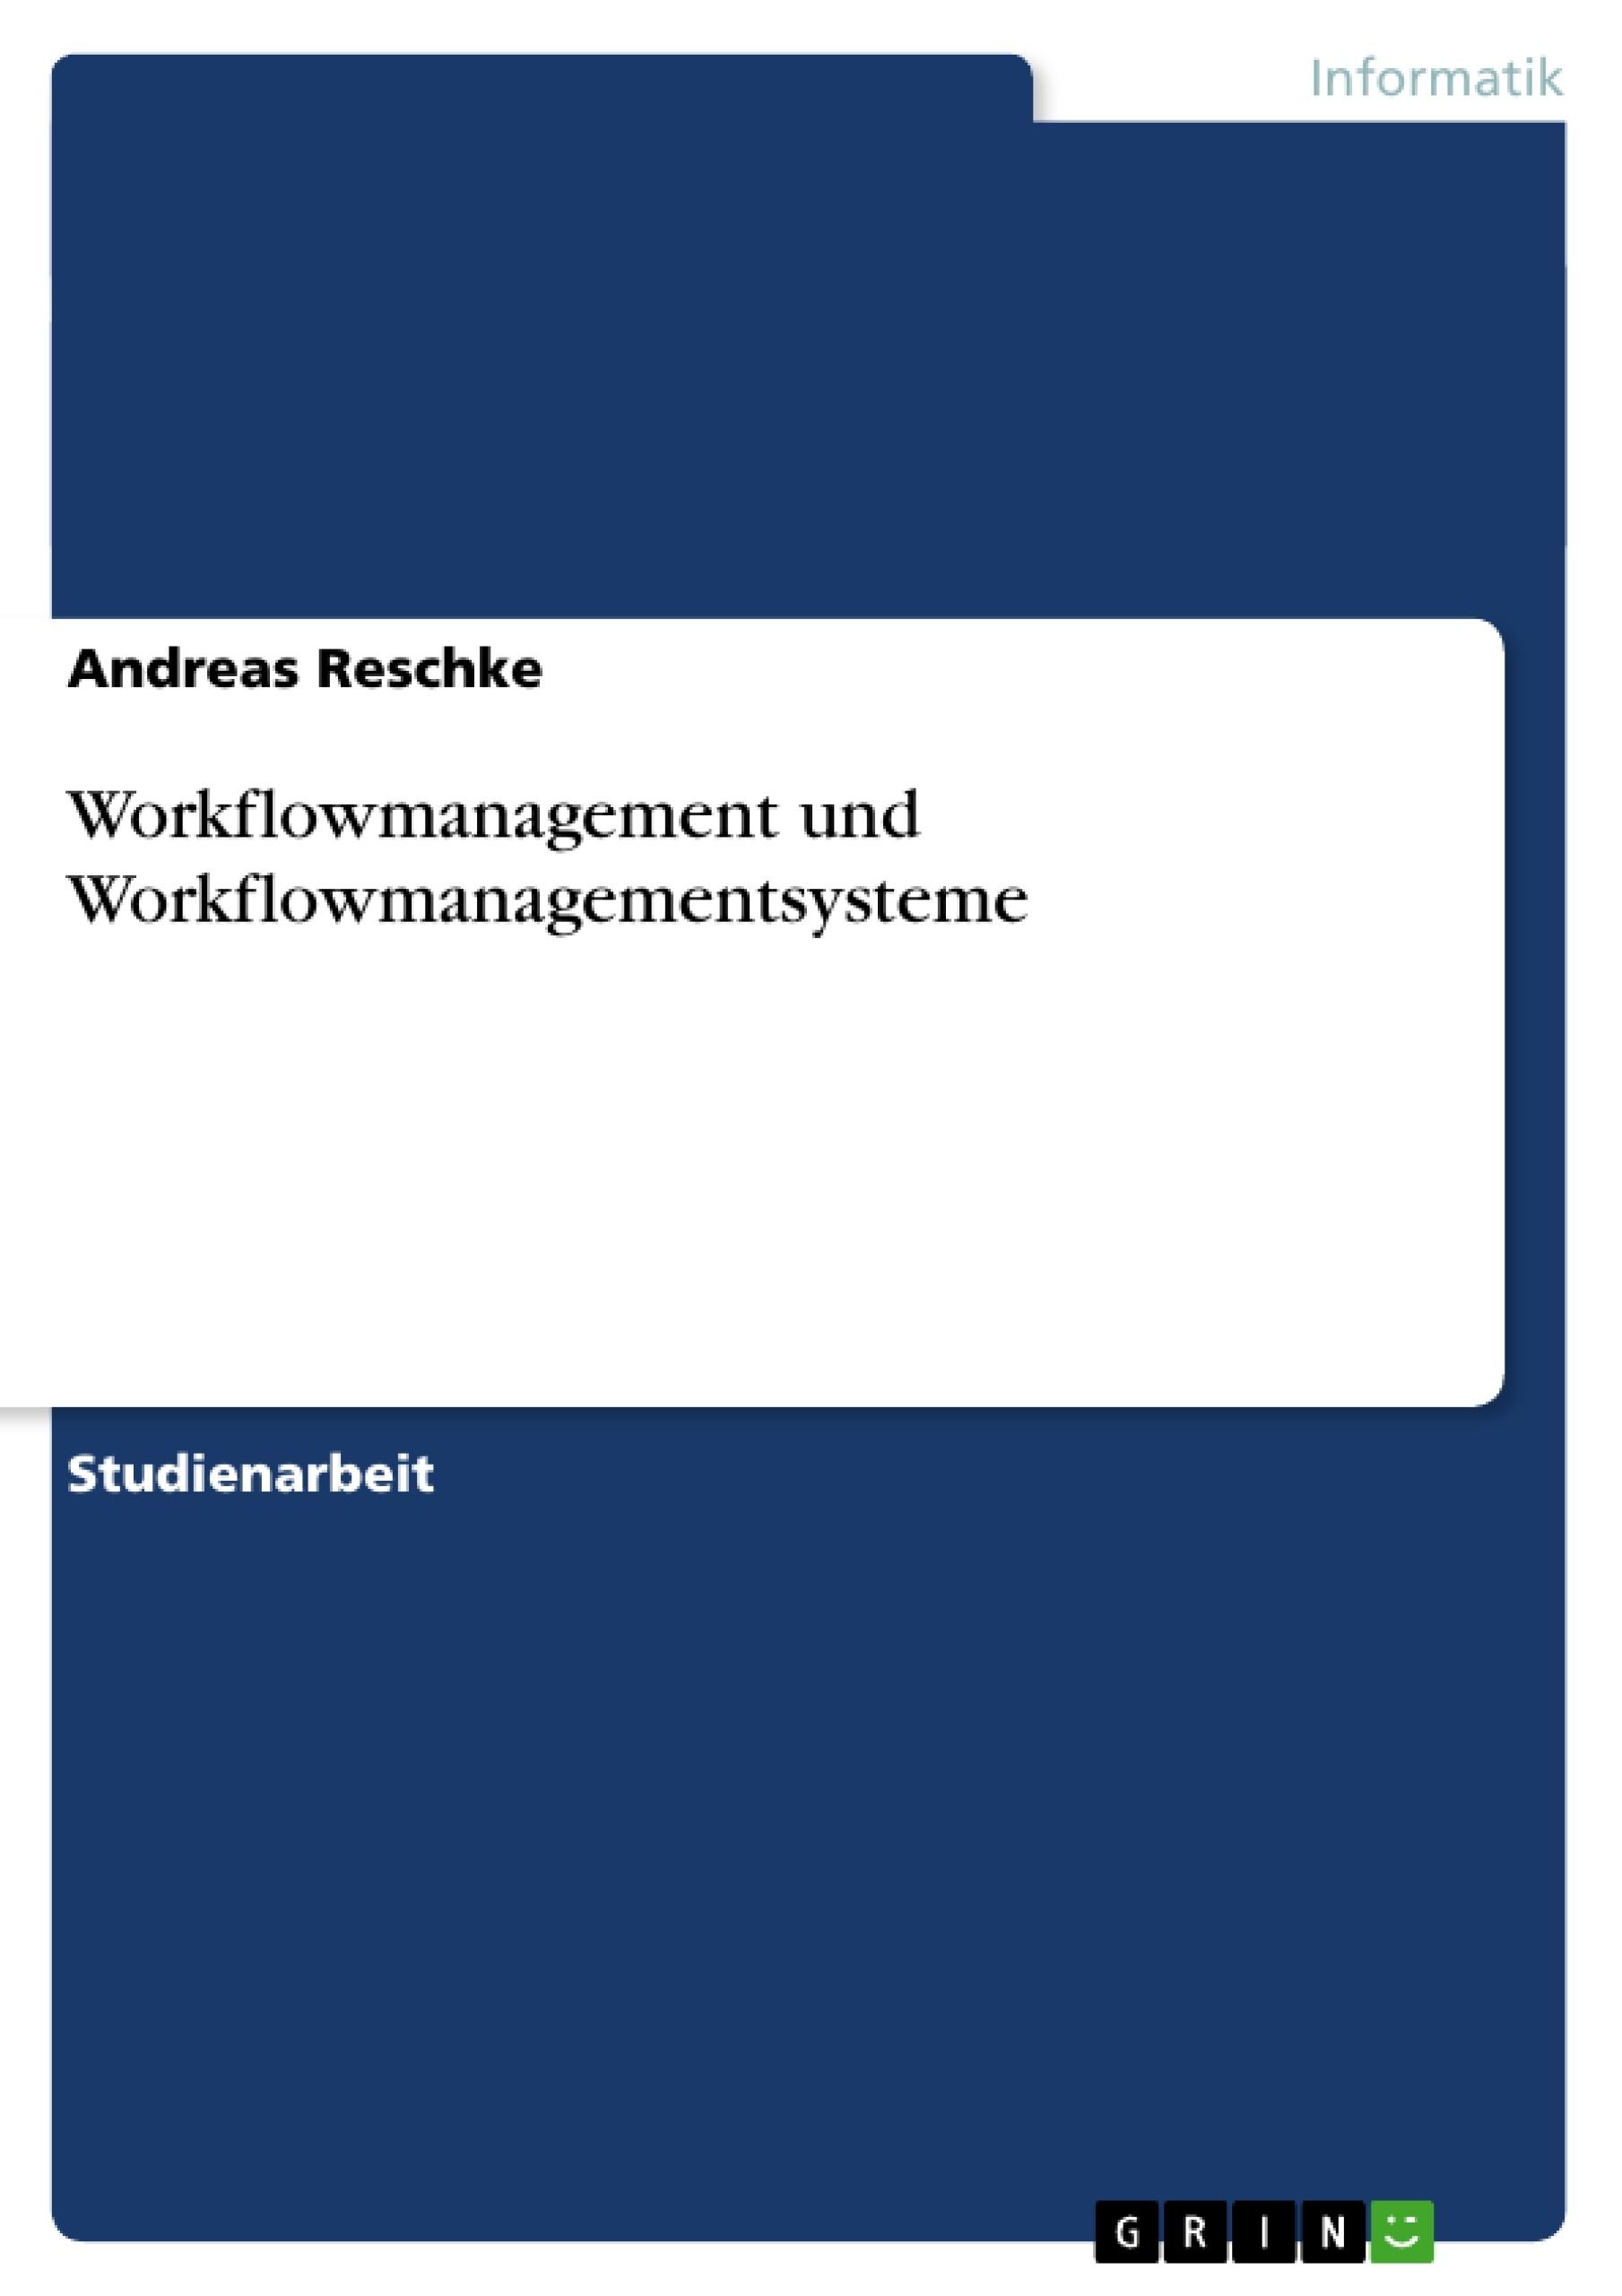 Titel: Workflowmanagement und Workflowmanagementsysteme